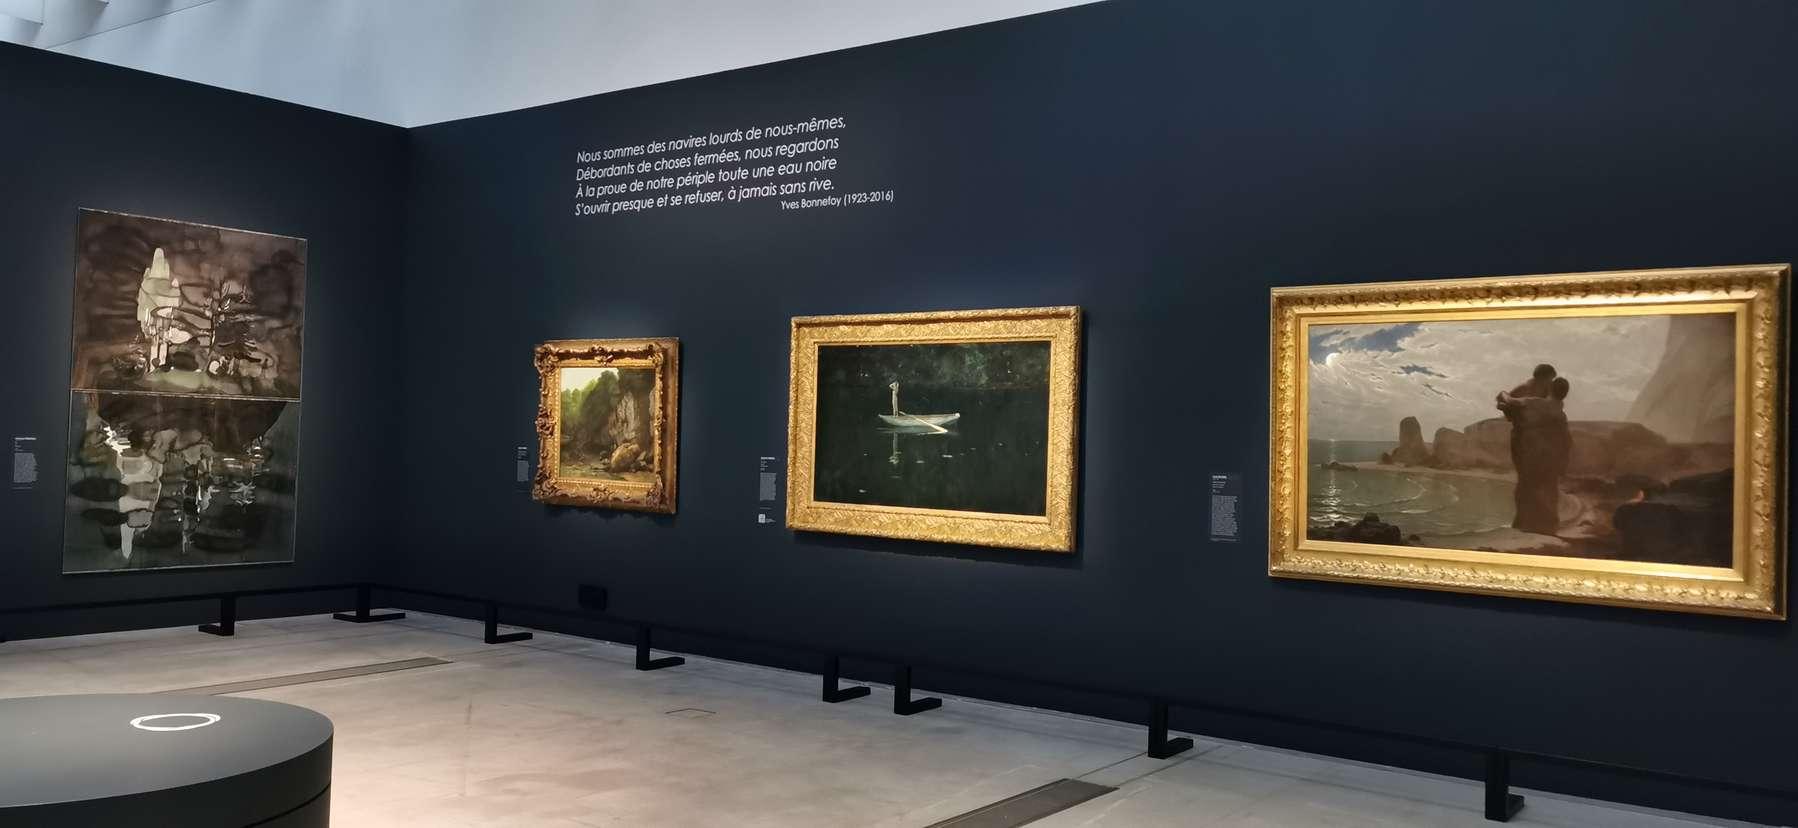 Françoise Pétrovitch Soleils noirs Louvre-Lens, Lens (FR) 10 juin 2020 — 25 janvier 2021